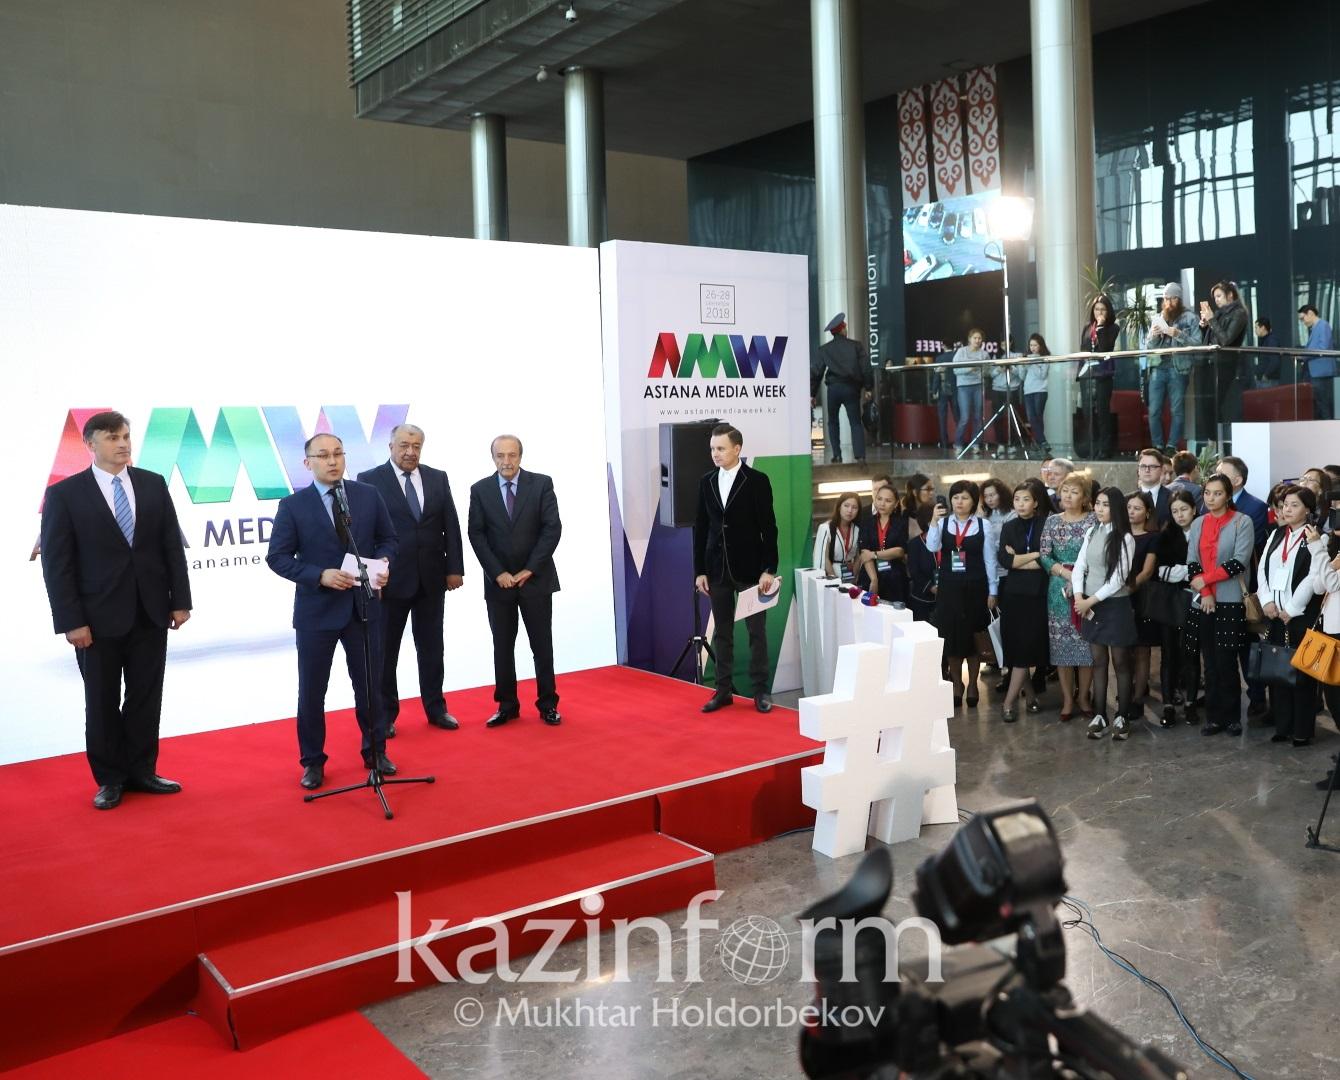 Даурен Абаев открыл Astana Media Week